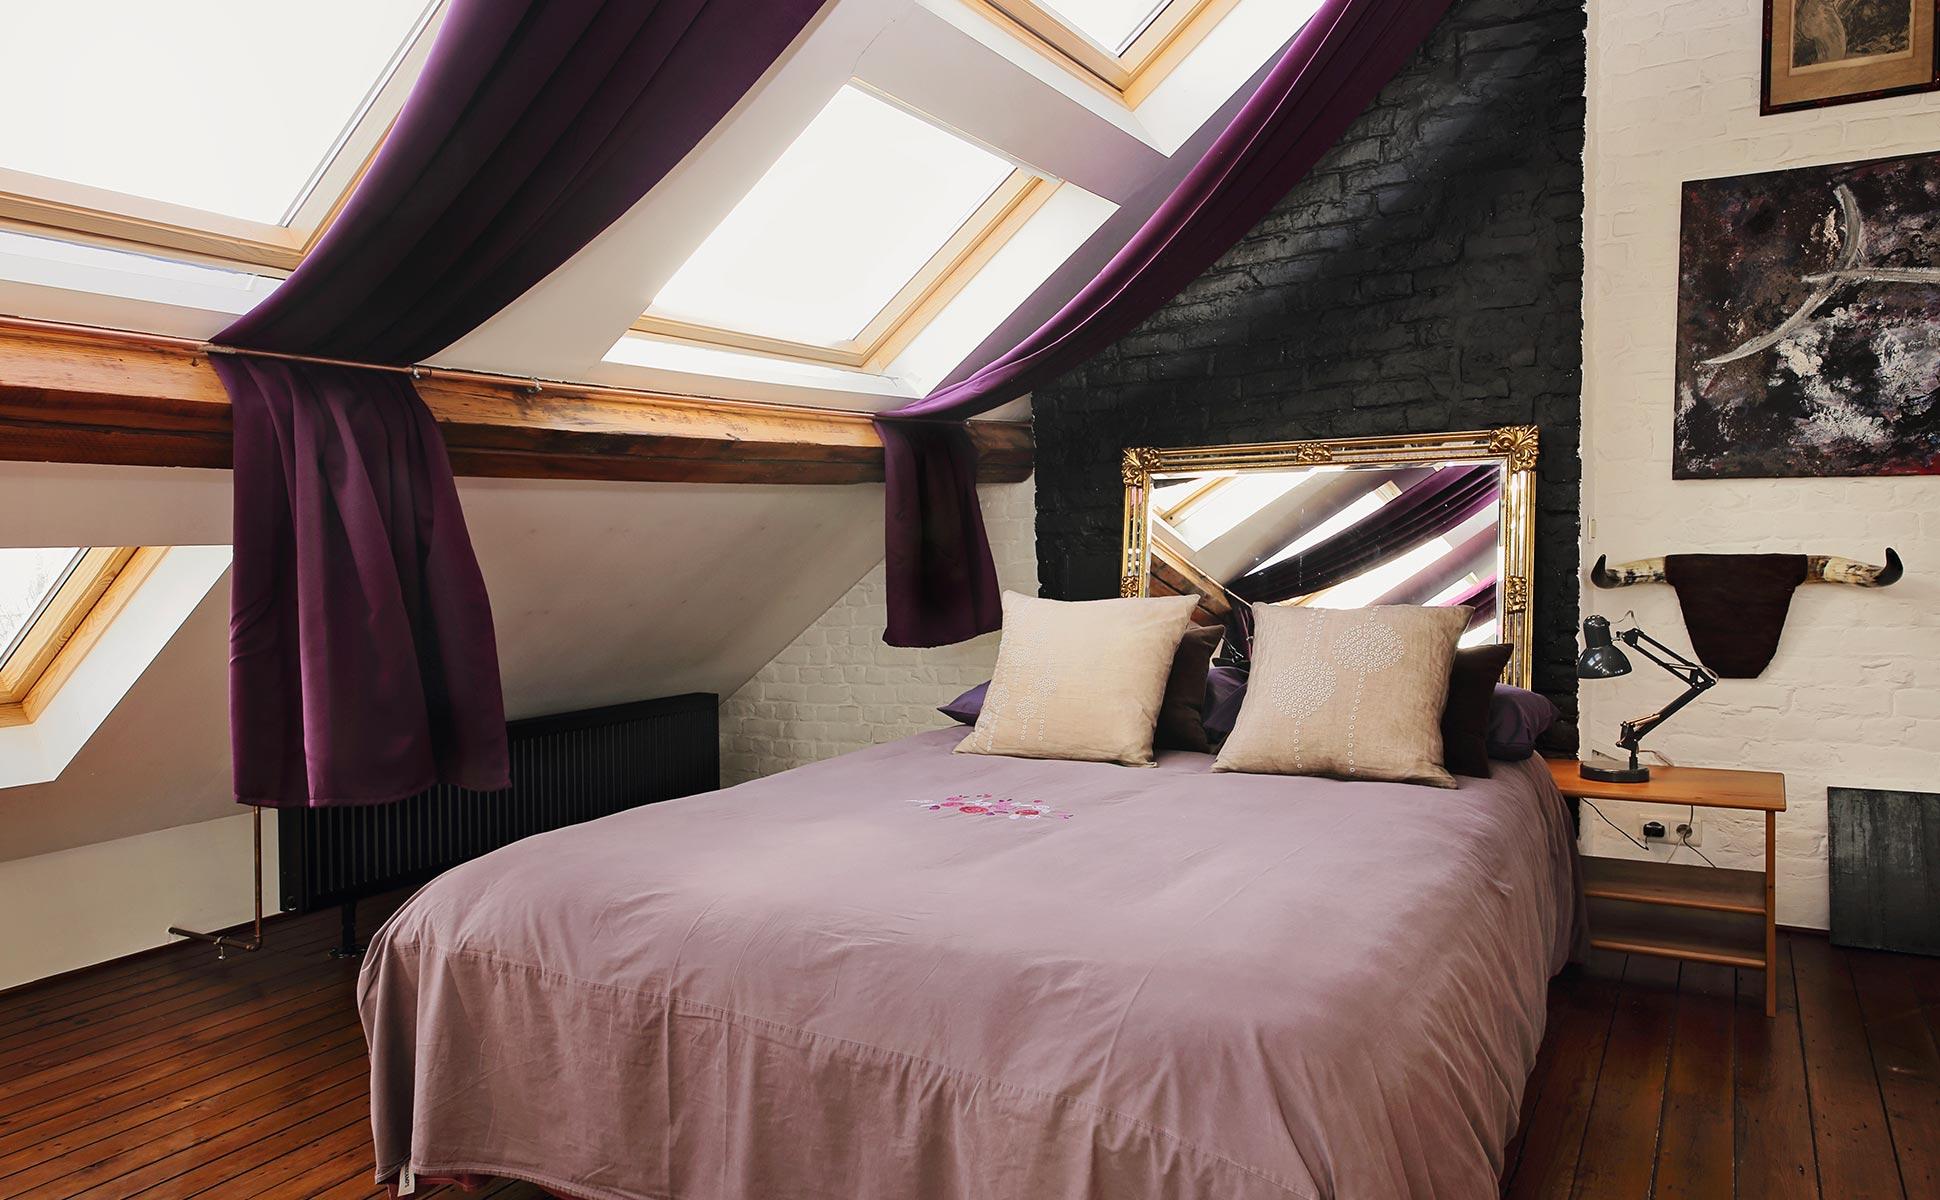 Aménagement de comble : création d'une chambre avec fenêtres de toit